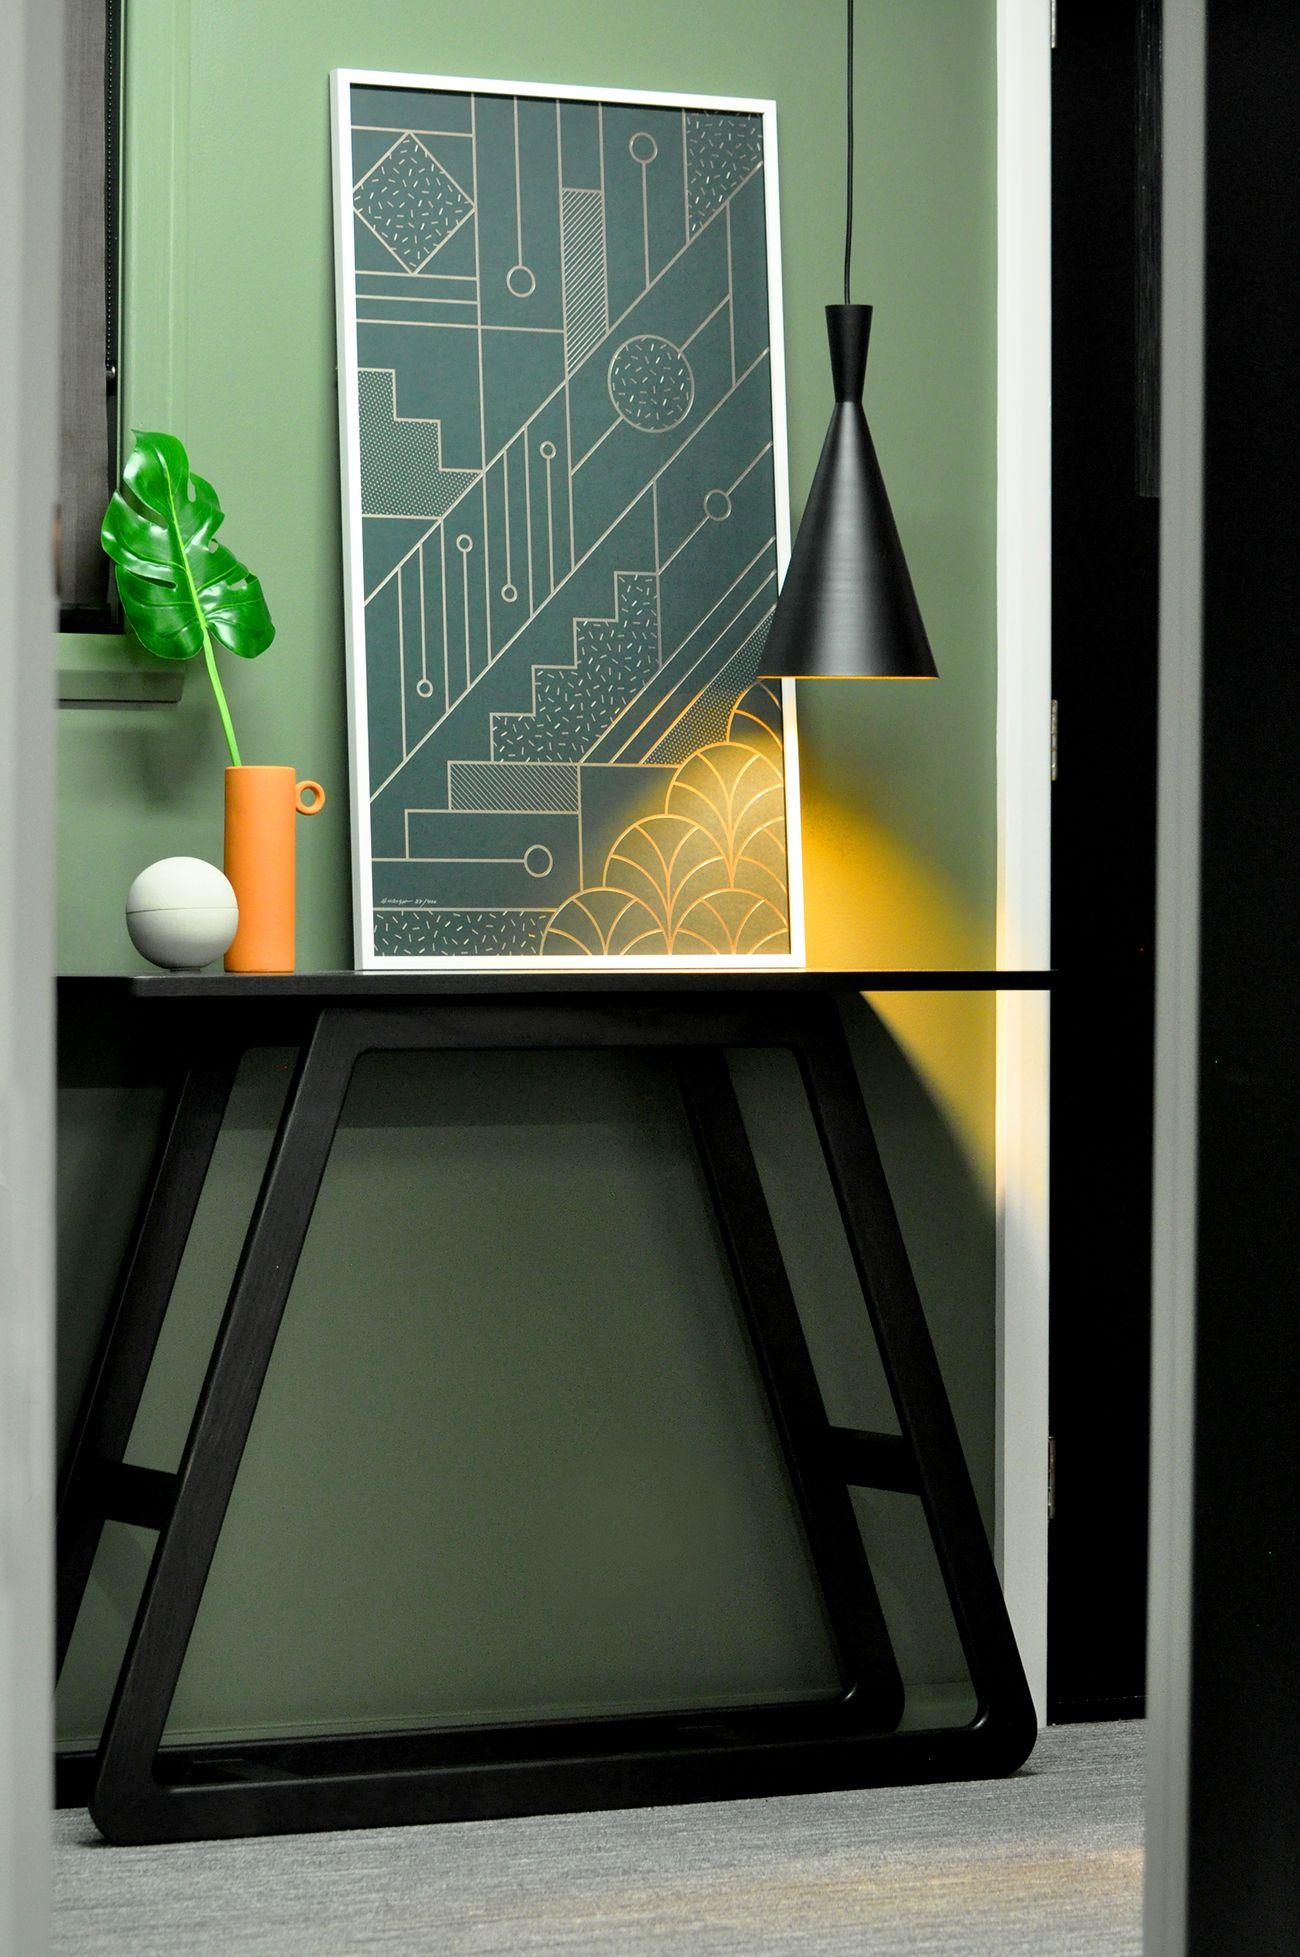 Valentine Interiors Design Interior Design For Stream Art Design Office Devonport Tasmania Photography By Jane Valentine Interior Design Design Interior